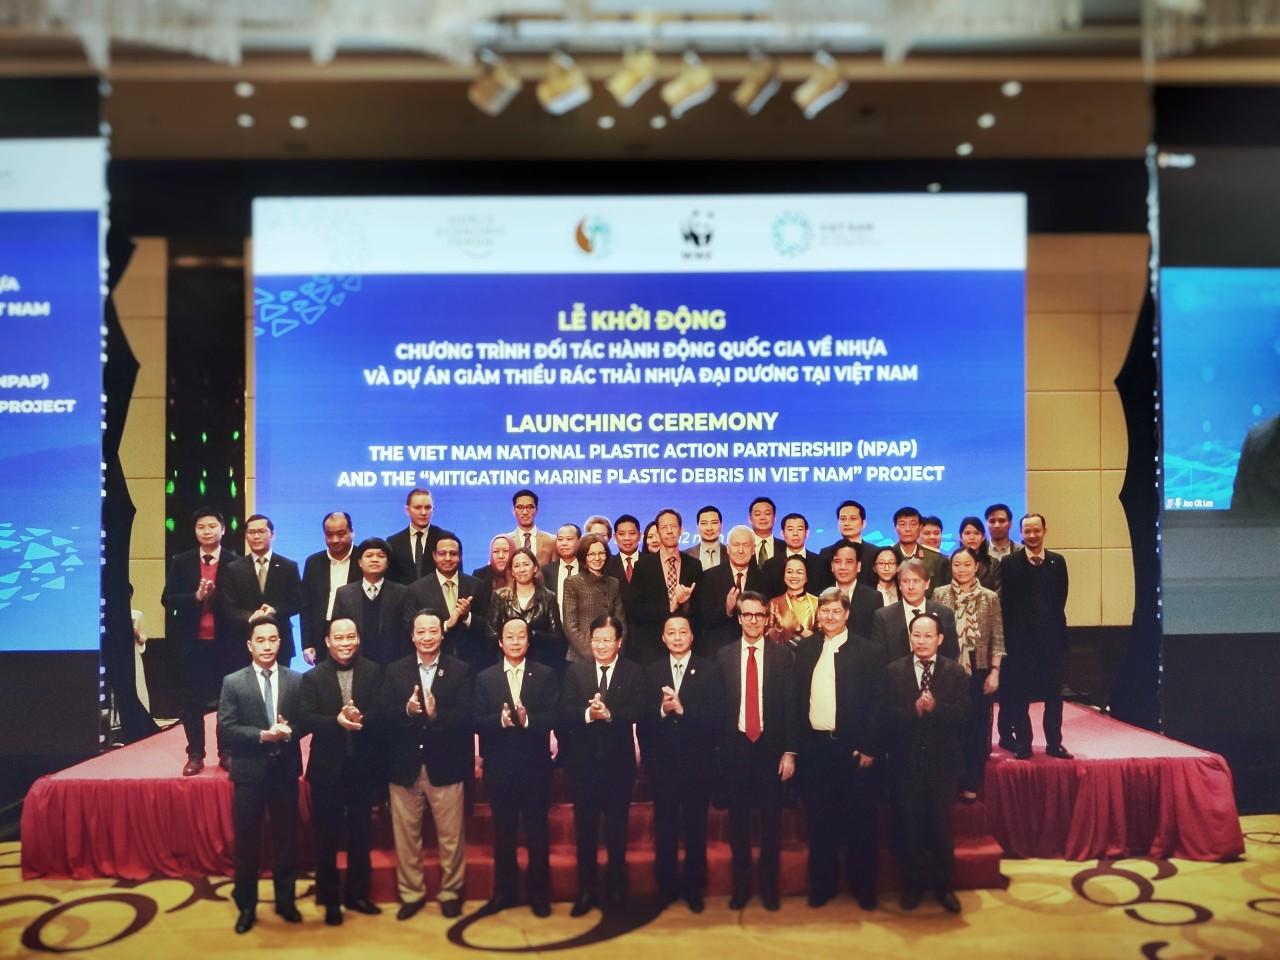 Lễ khởi động Chương trình Đối tác Hành động Quốc gia về Nhựa